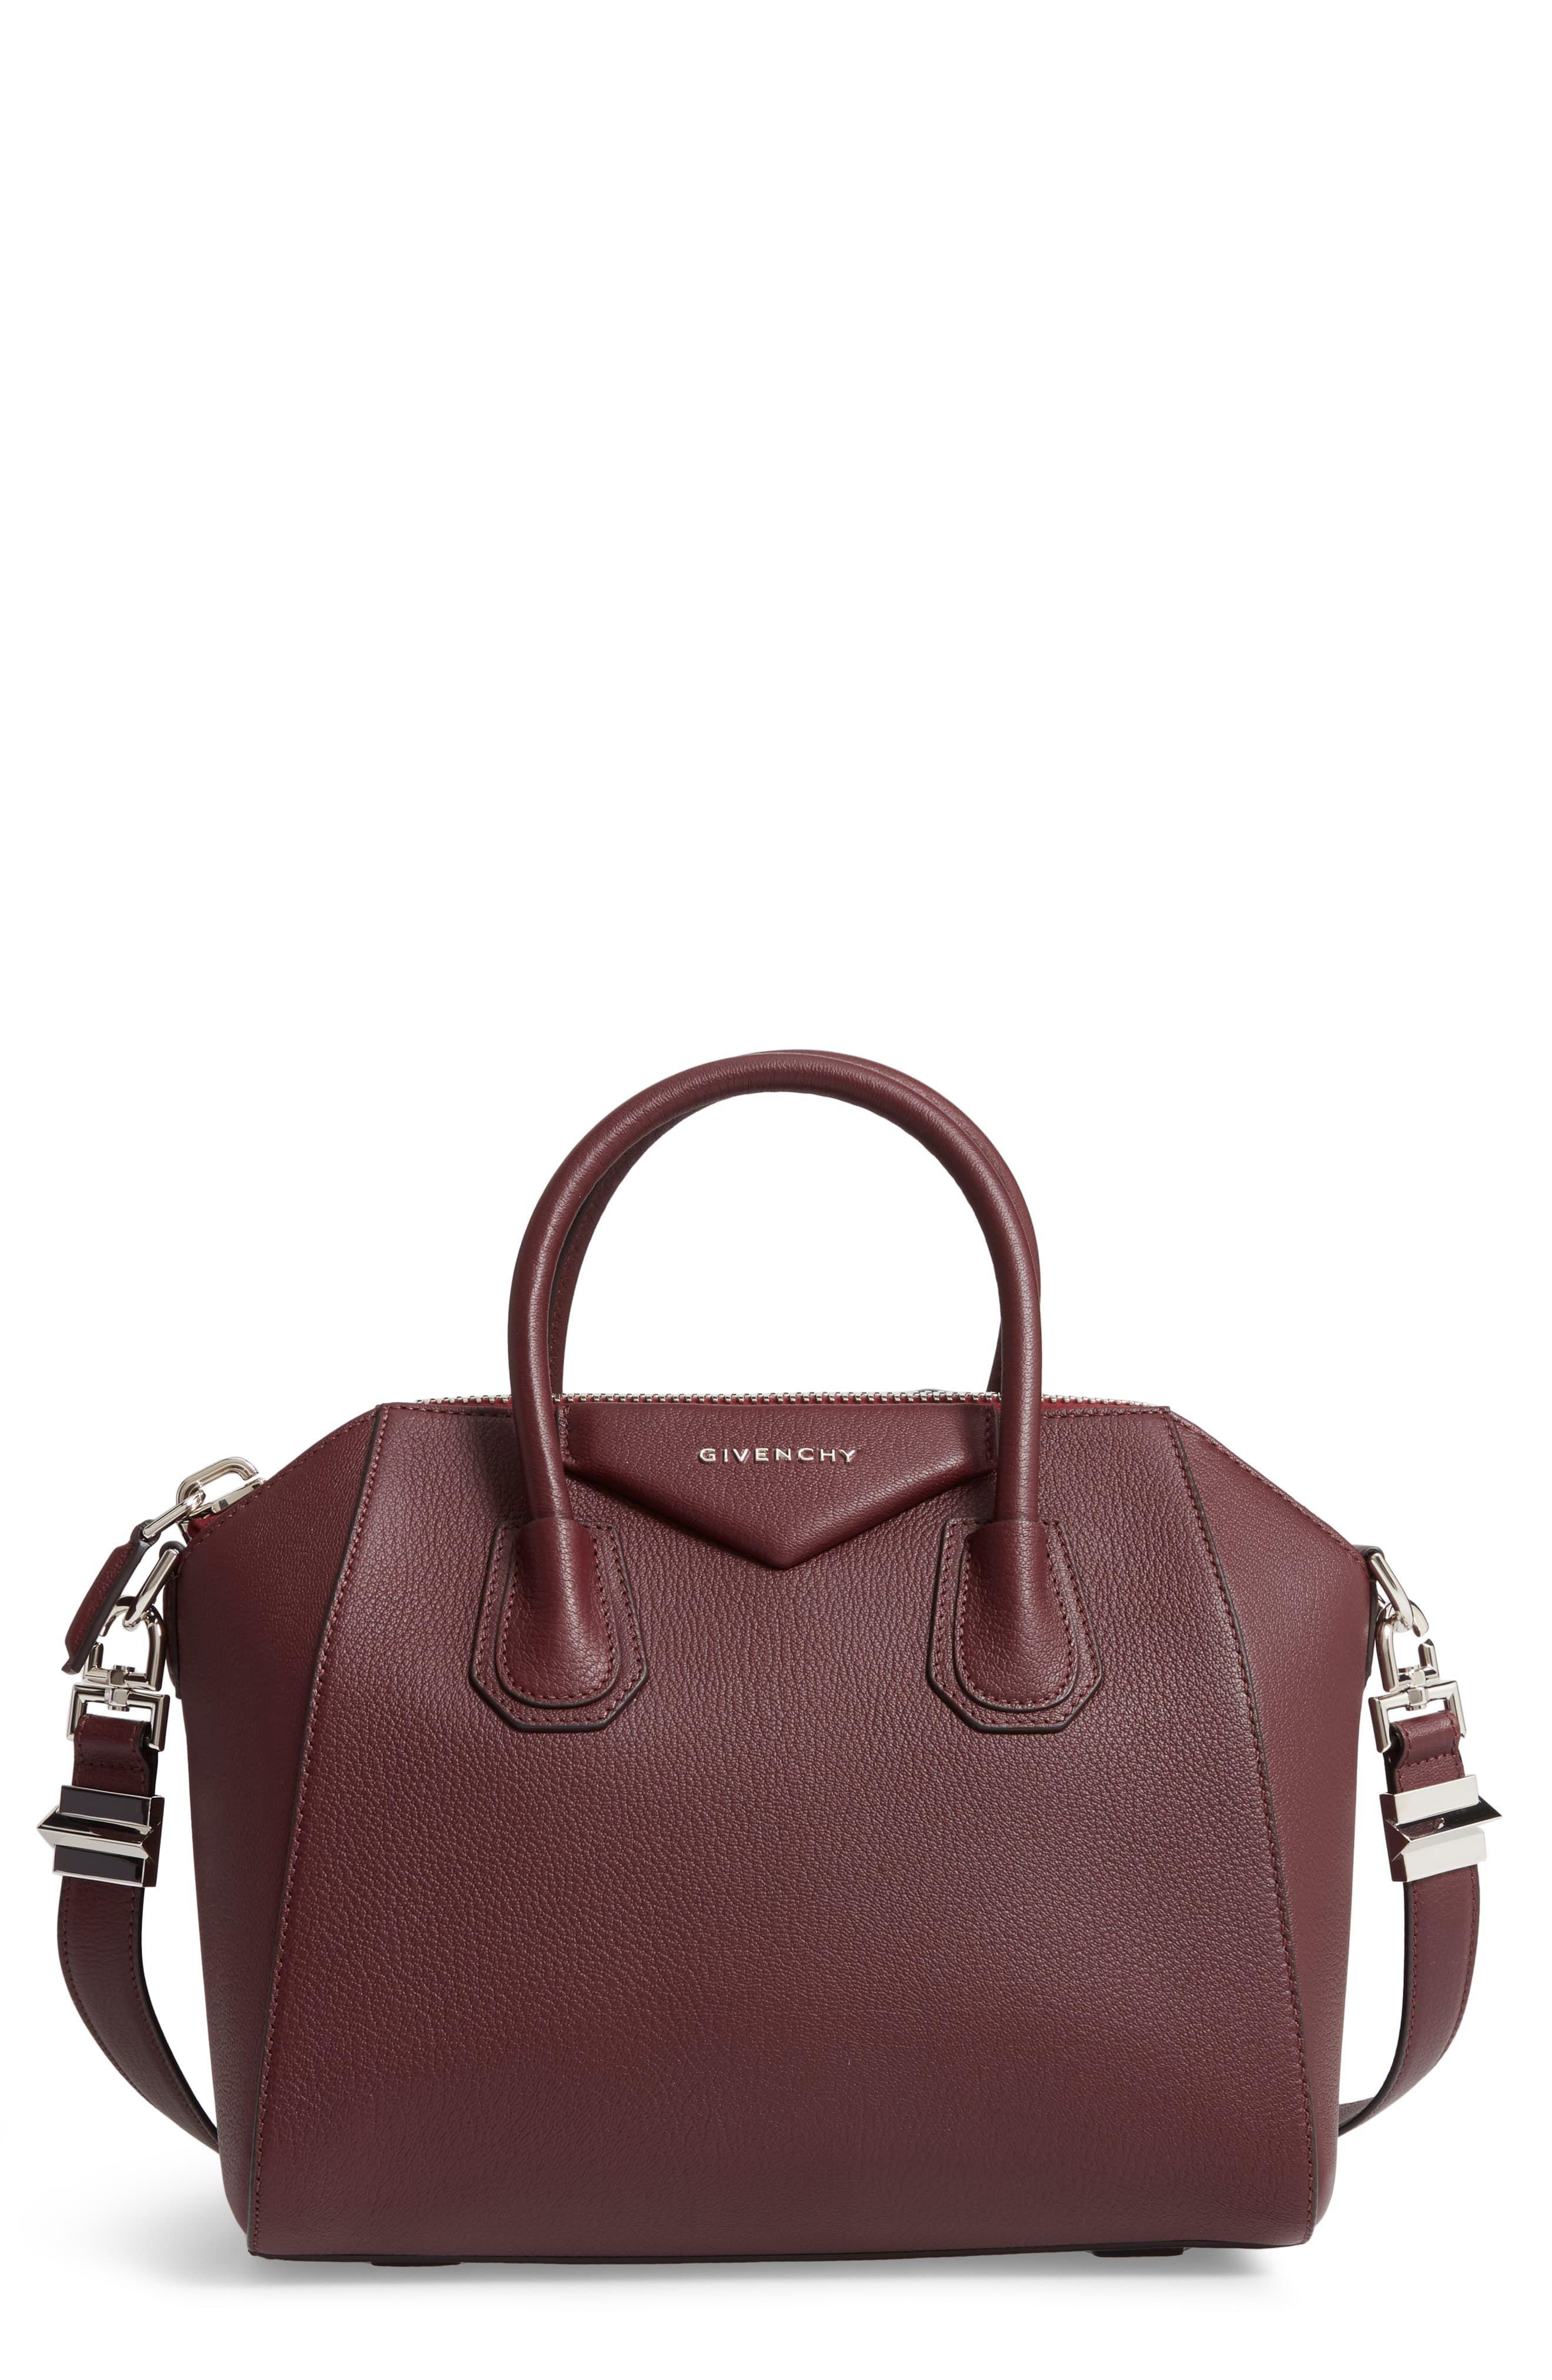 Givenchy Small Antigona Leather